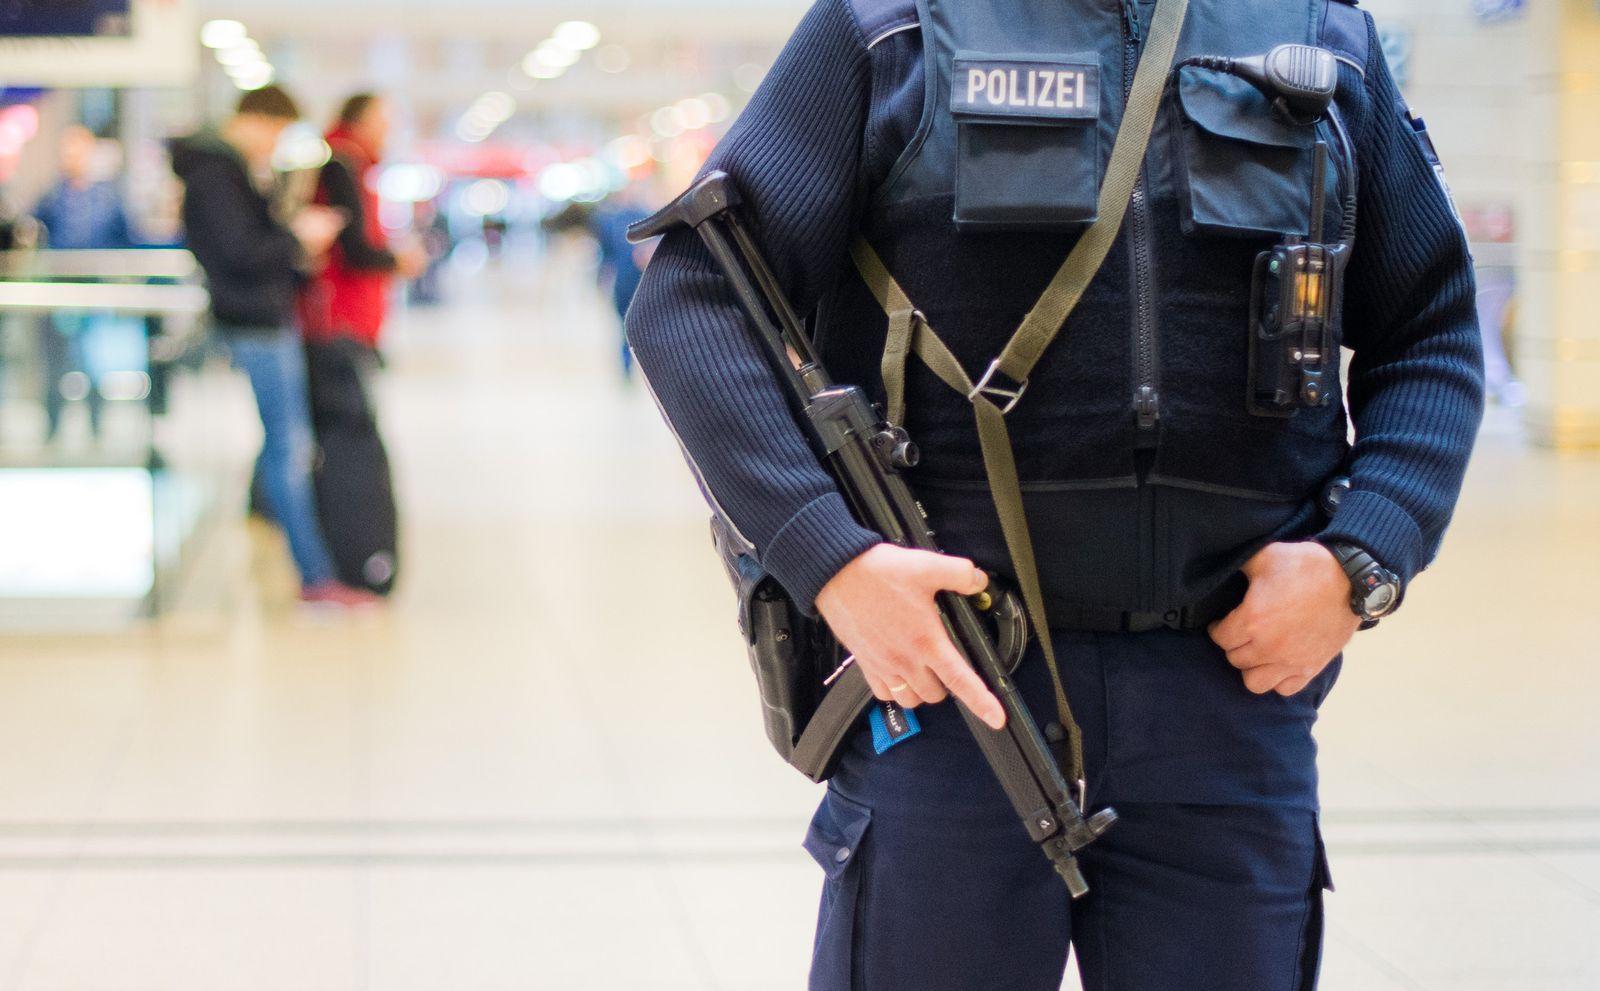 Bundespolizist Hannover